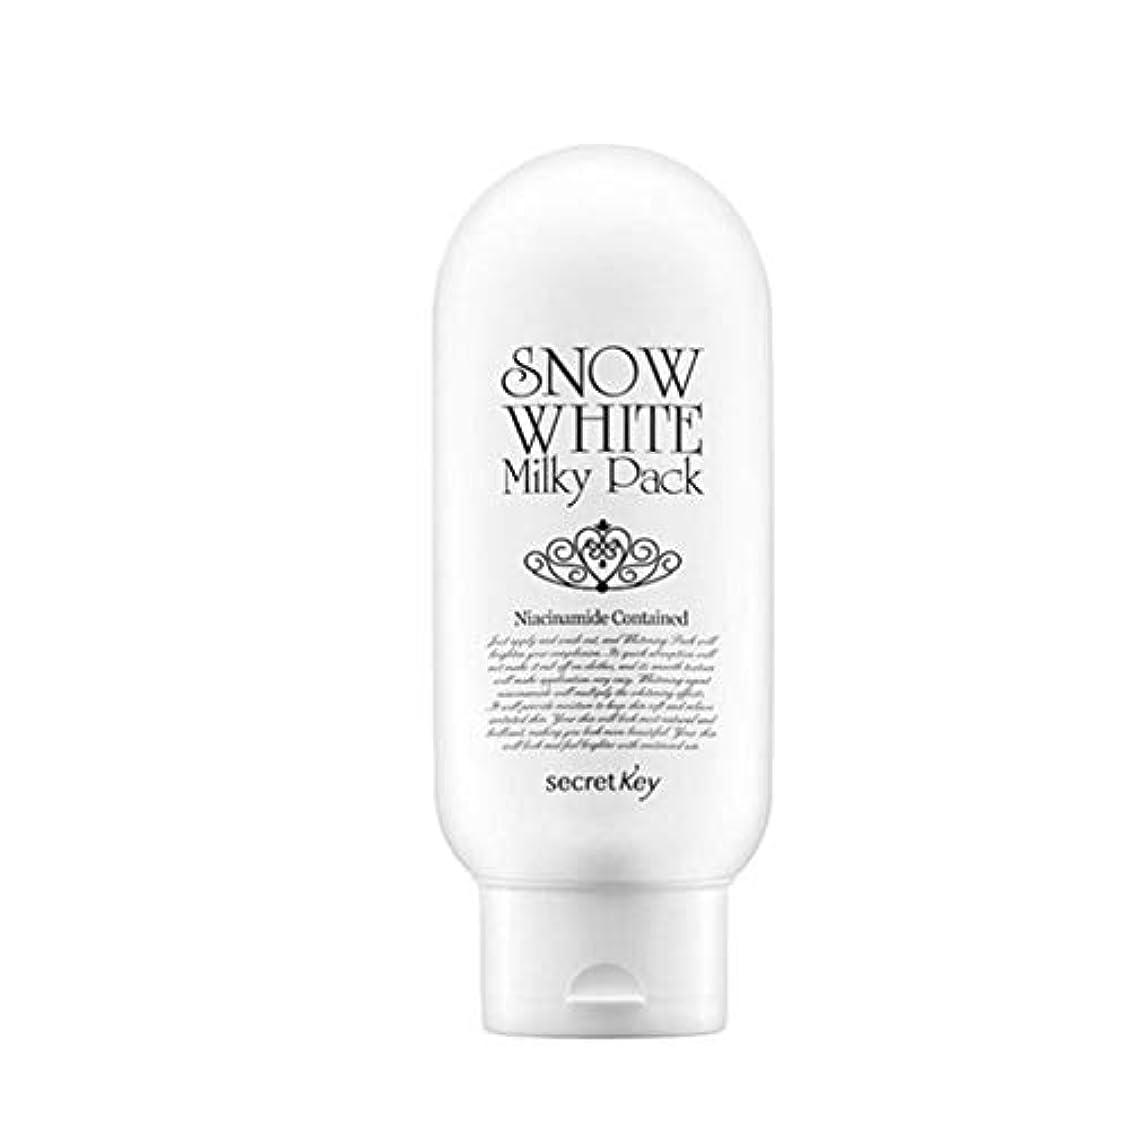 病苦しみ不信シークレットキースノーホワイトミルキーパック200g韓国コスメ、Secret Key Snow White Milky Pack 200g Korean Cosmetics [並行輸入品]